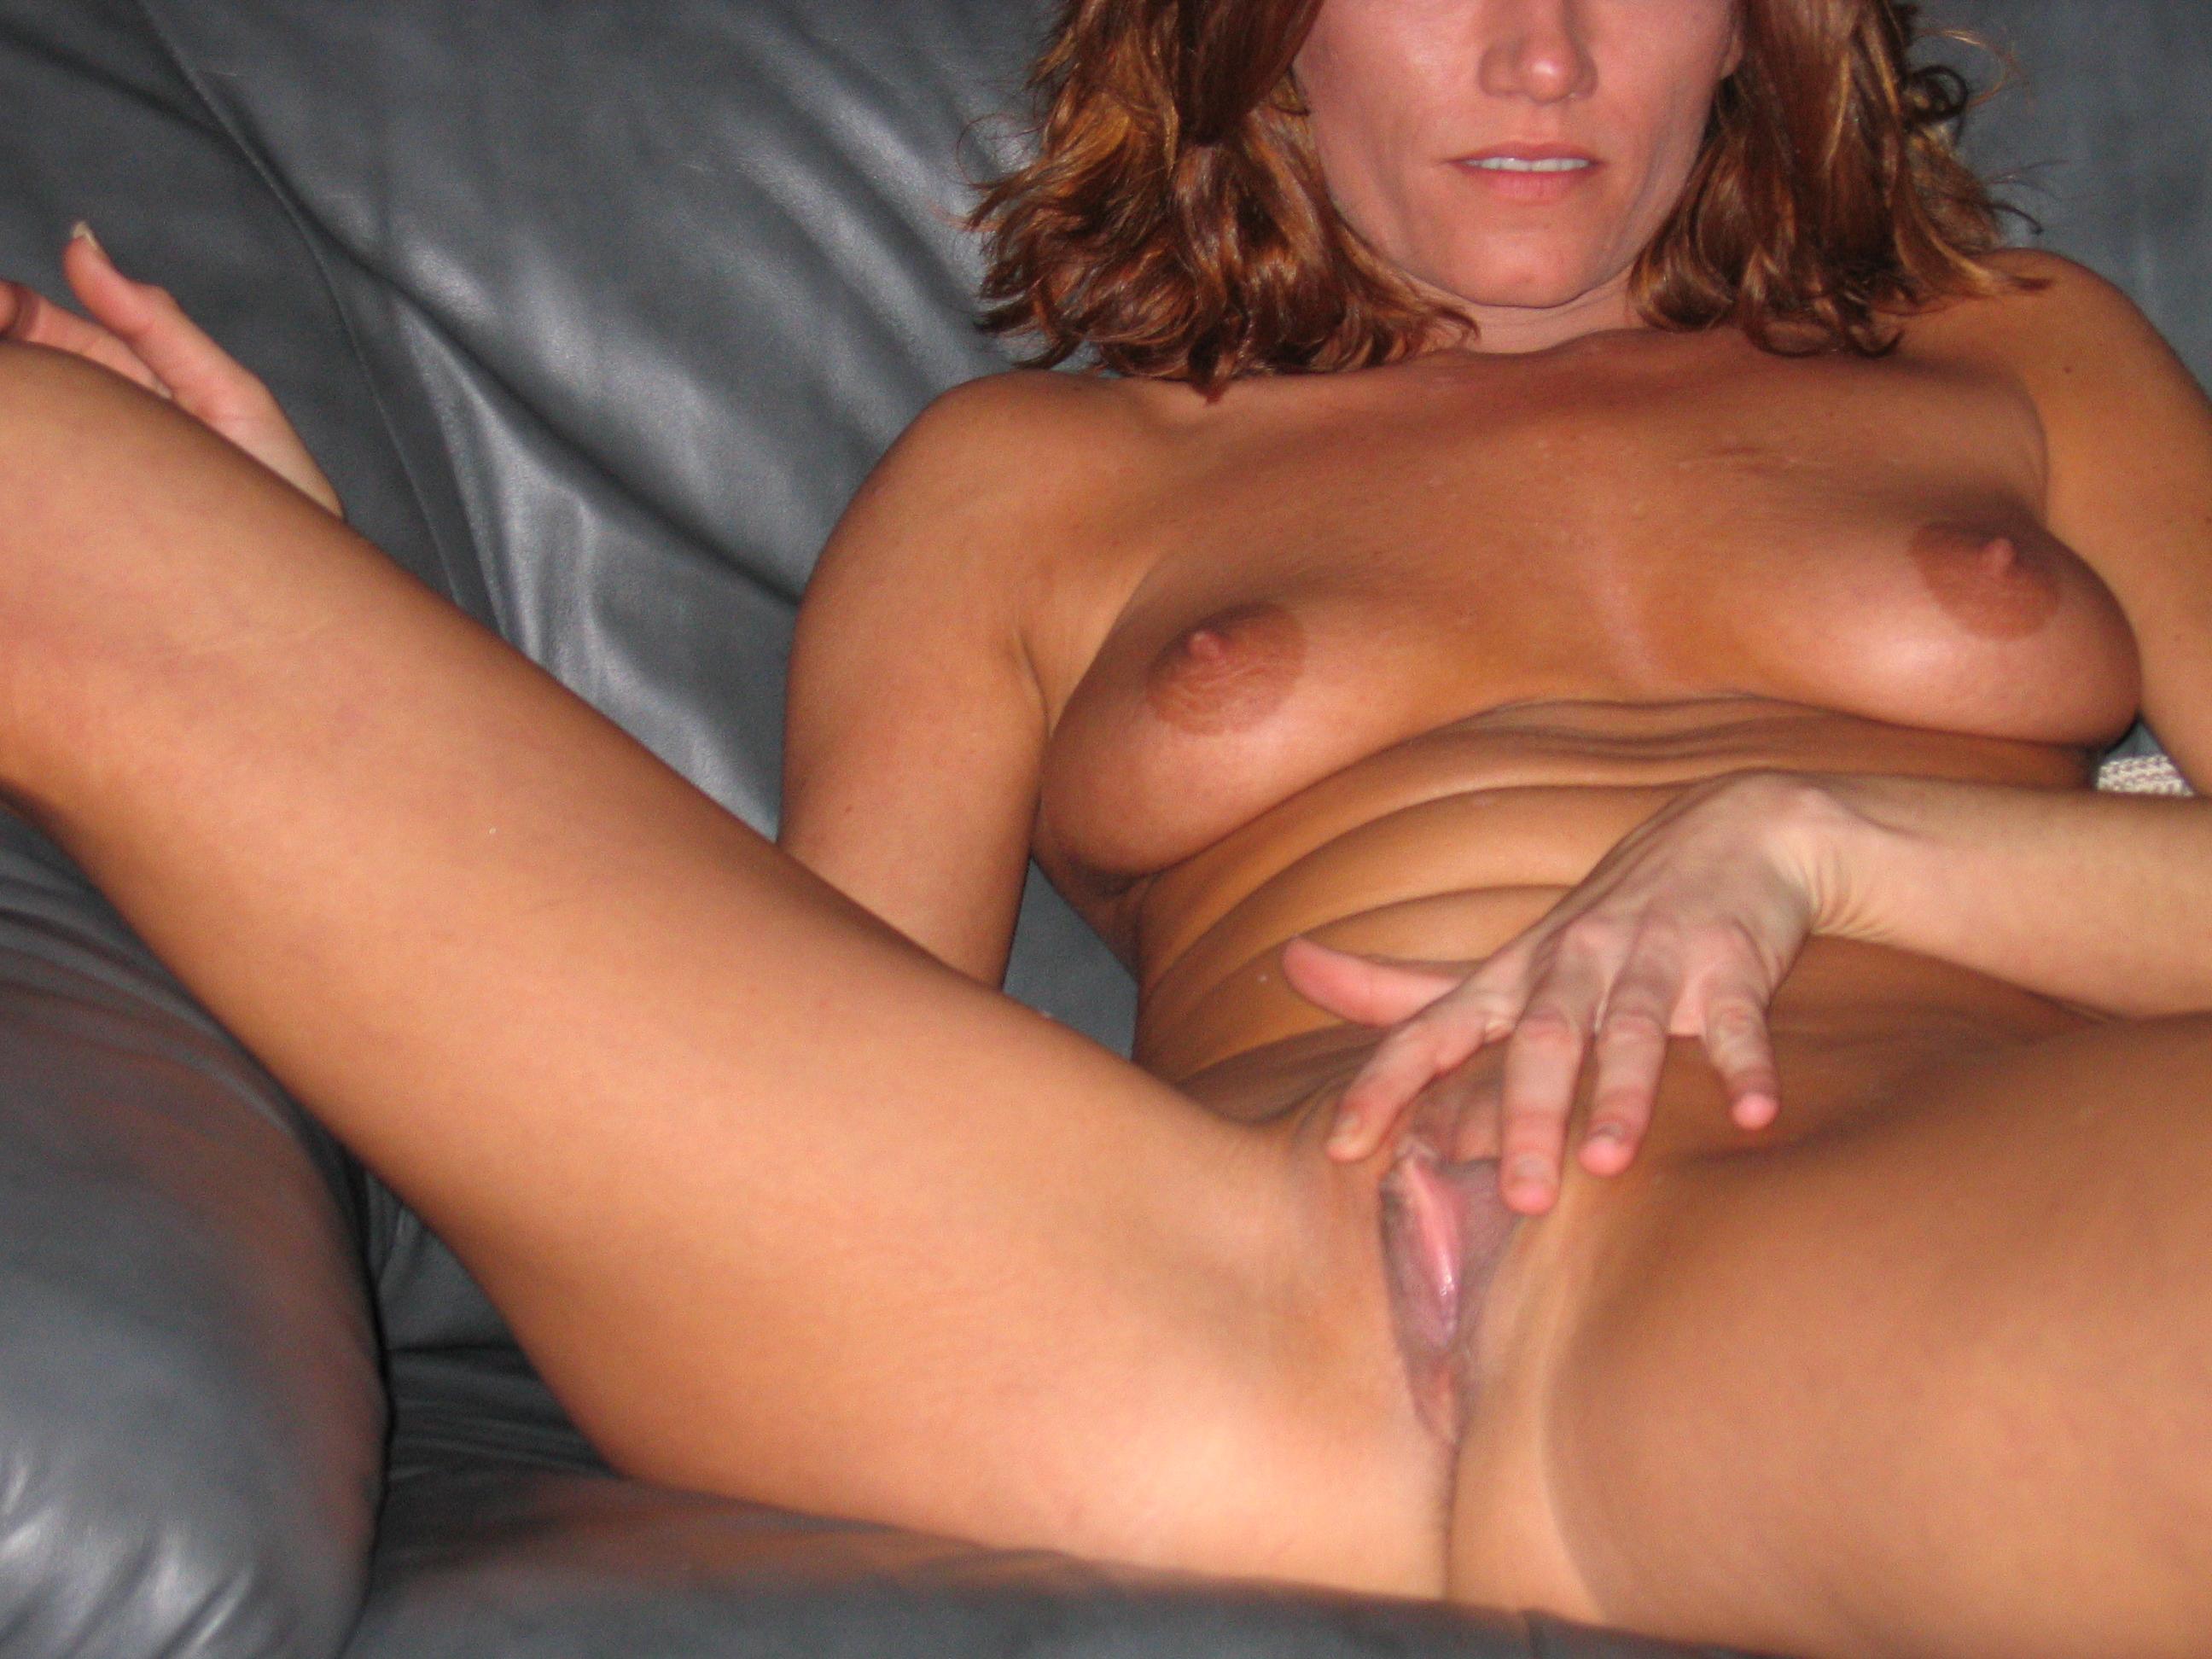 Фото порно богатых тело 4 фотография